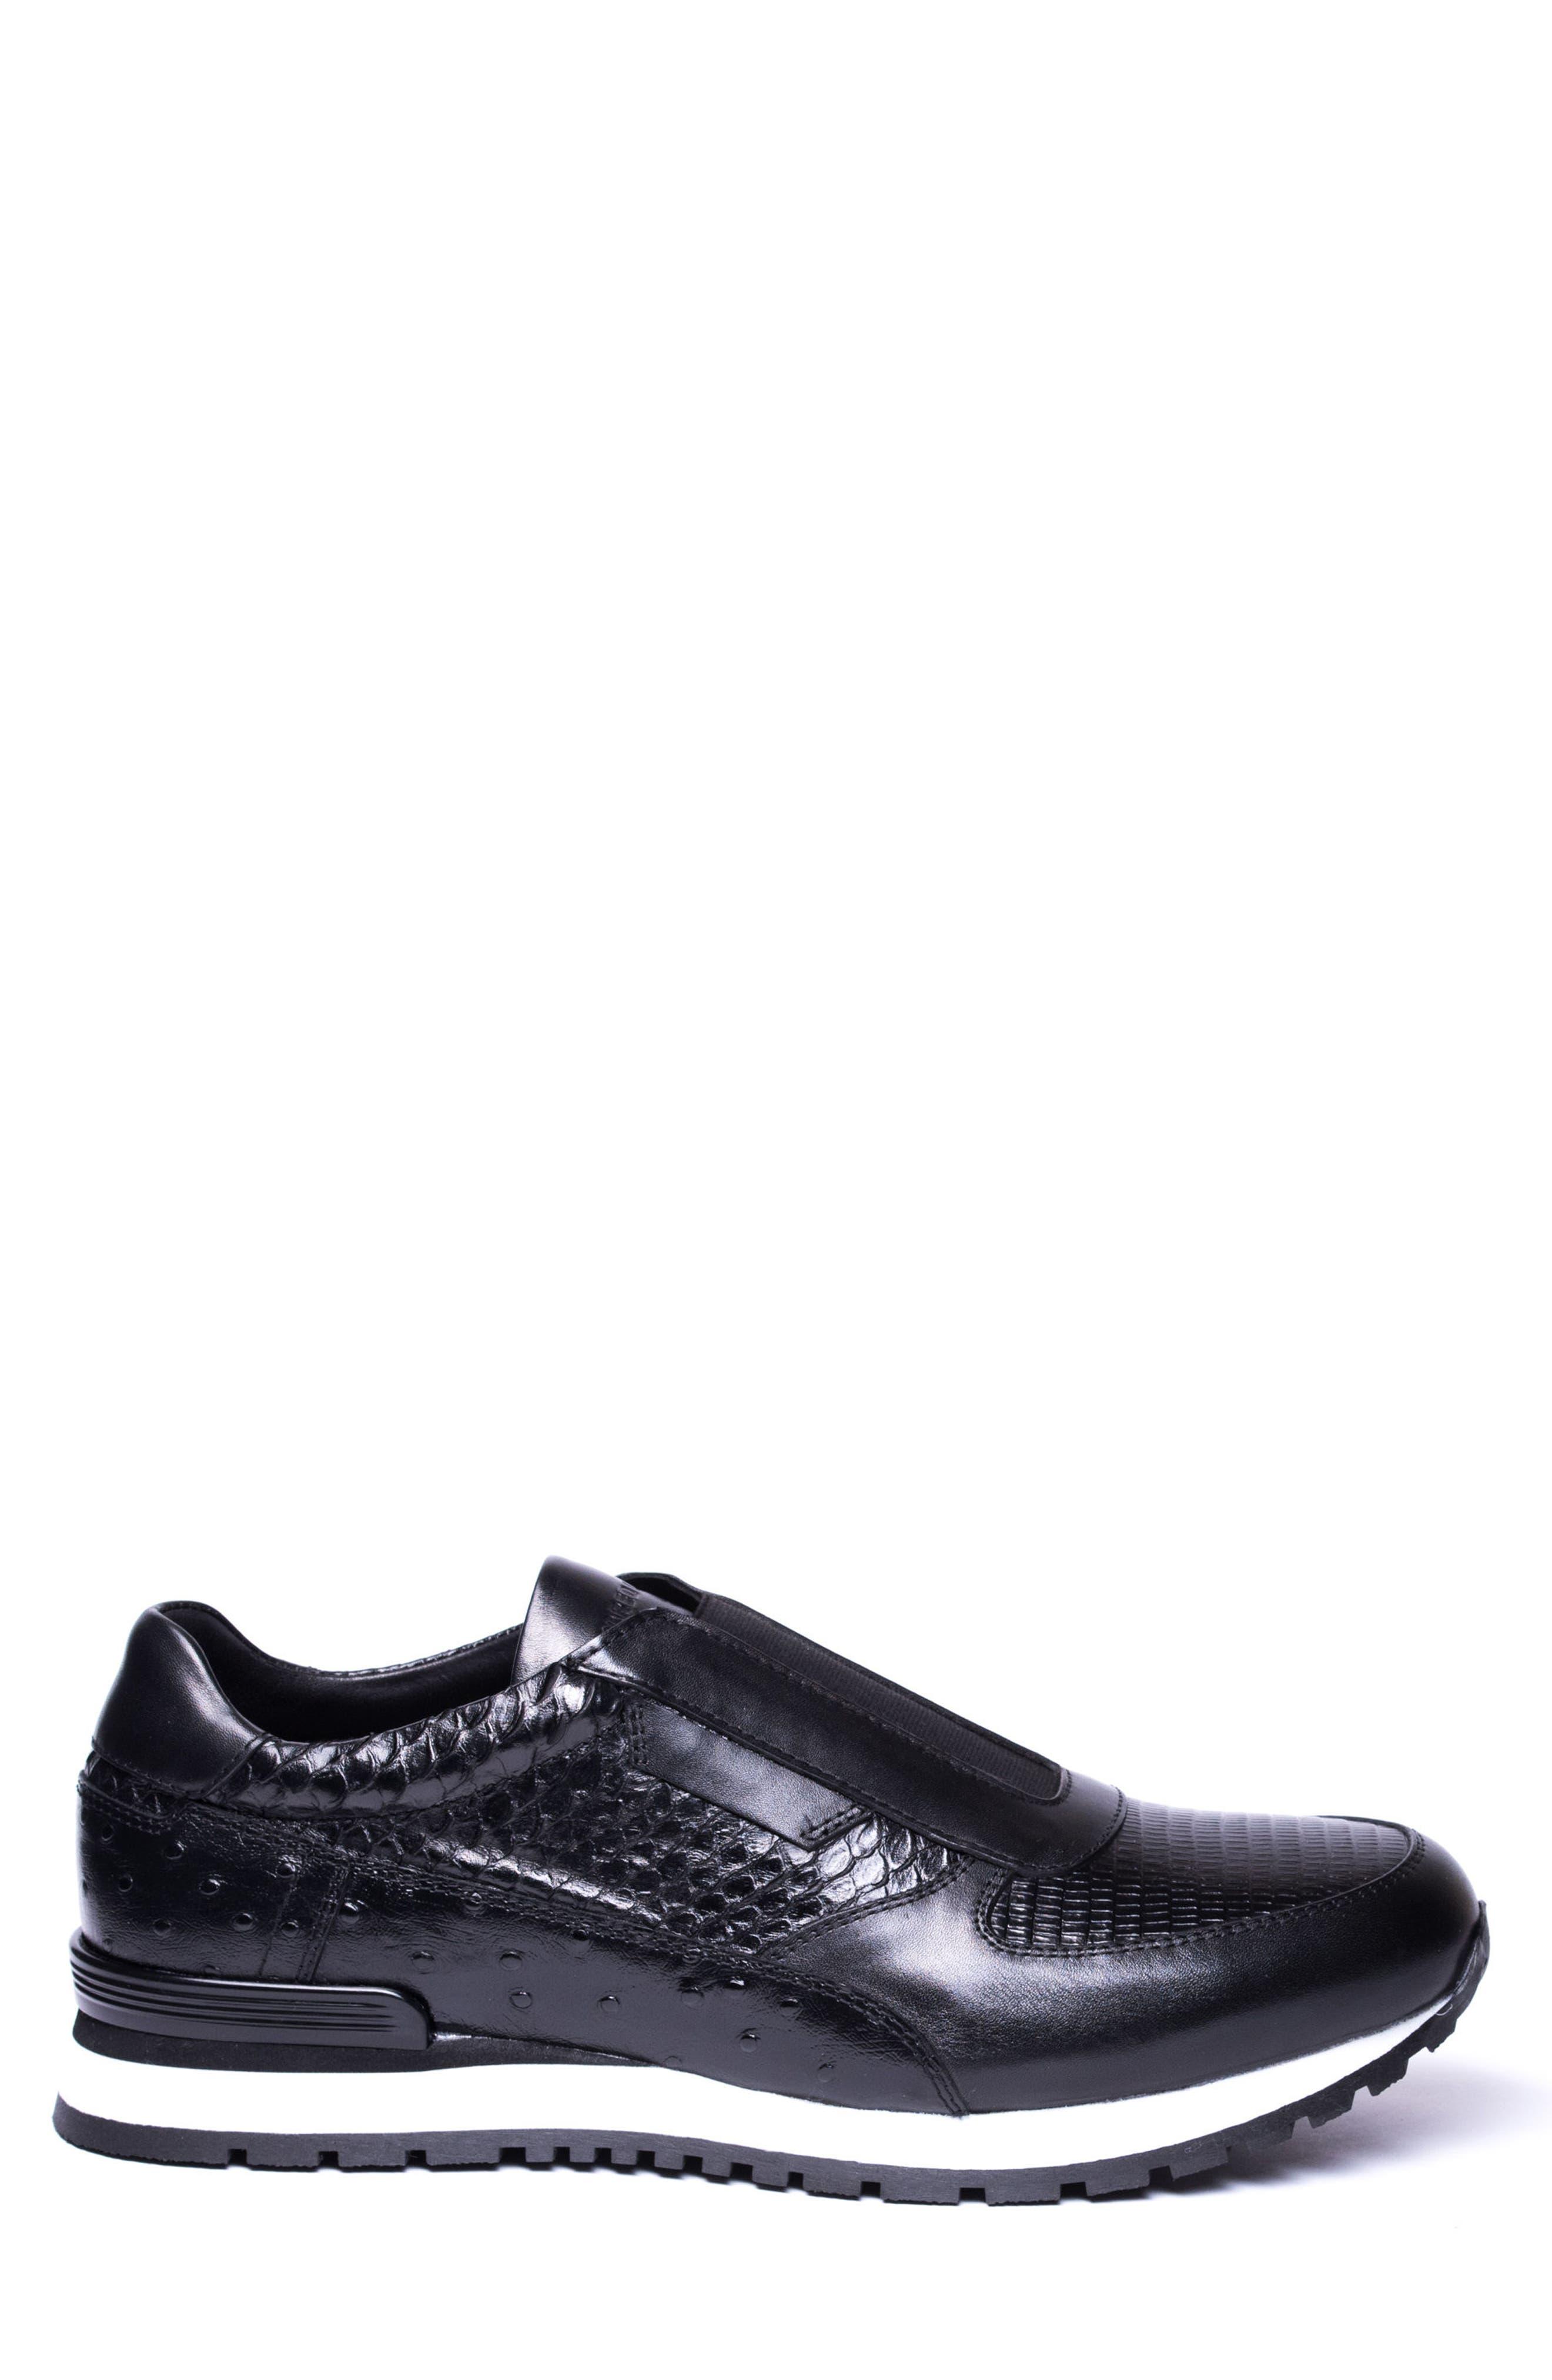 Barrett Embossed Slip-On Sneaker,                             Alternate thumbnail 3, color,                             BLACK LEATHER